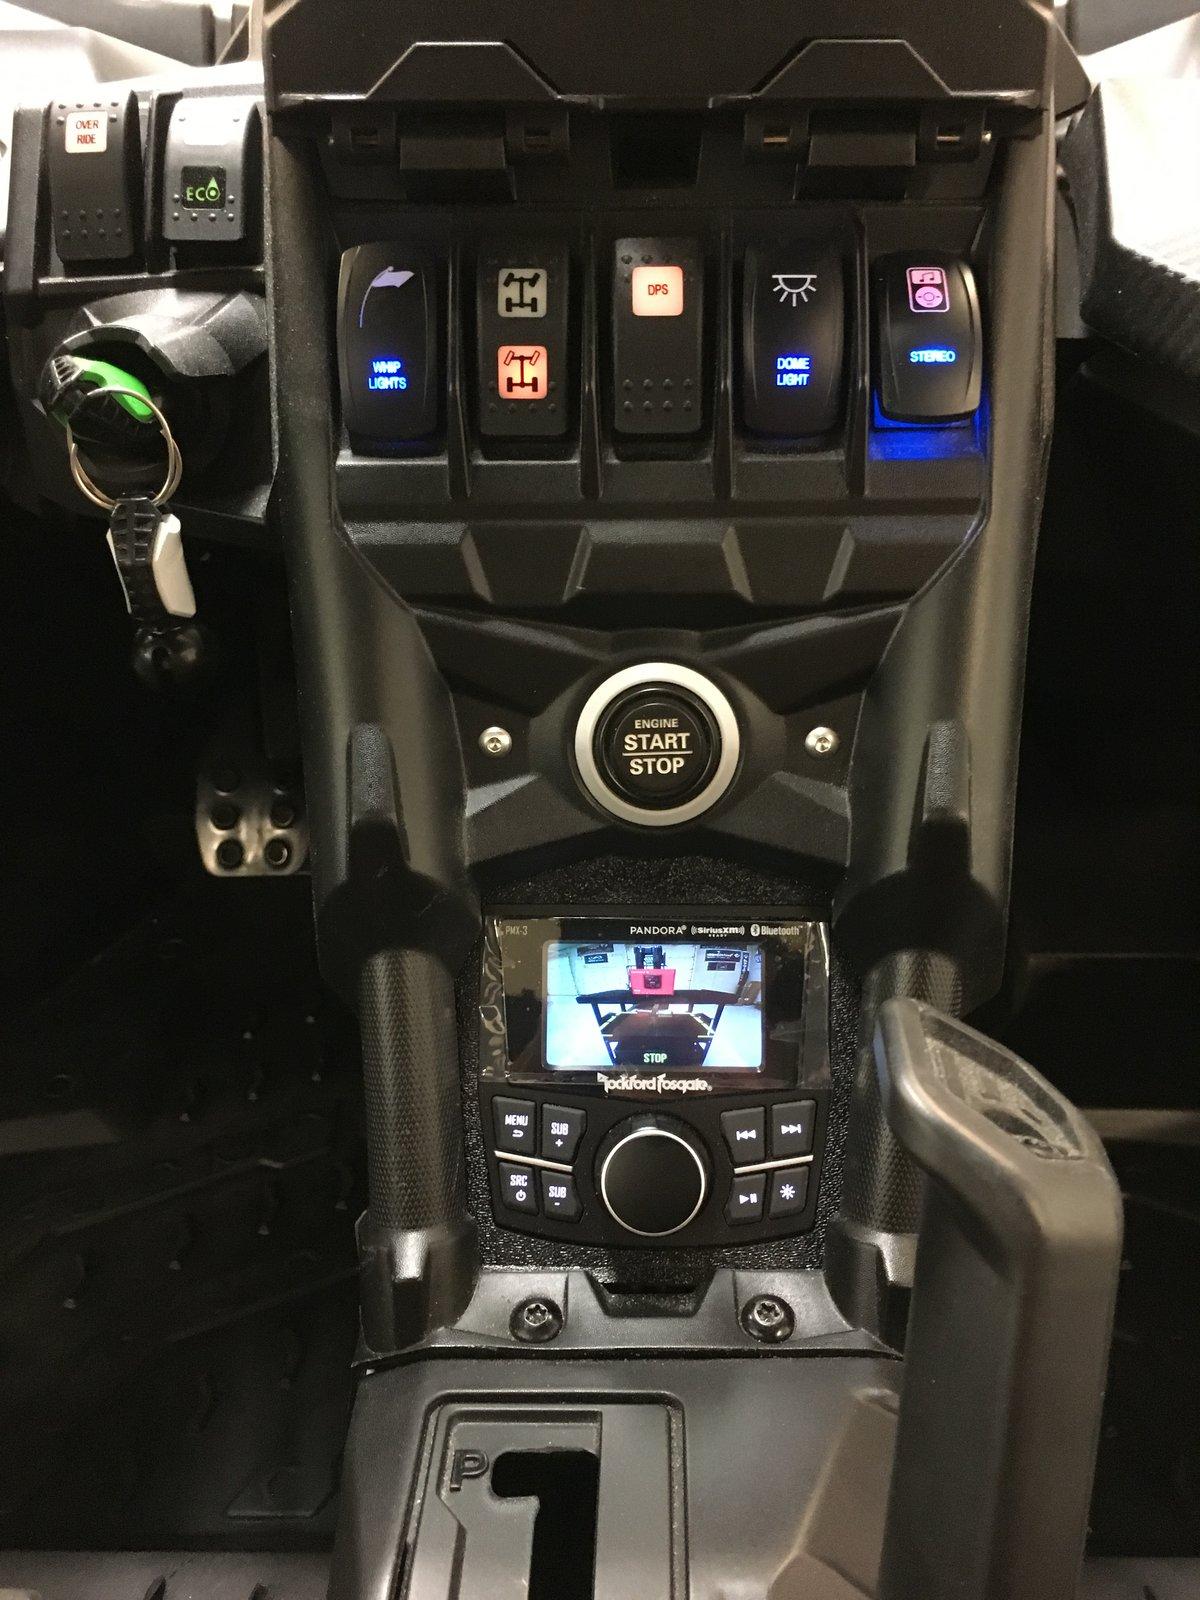 Utv Stereo 8 Speaker System W Deck Power Amp 2 Amp Can Am